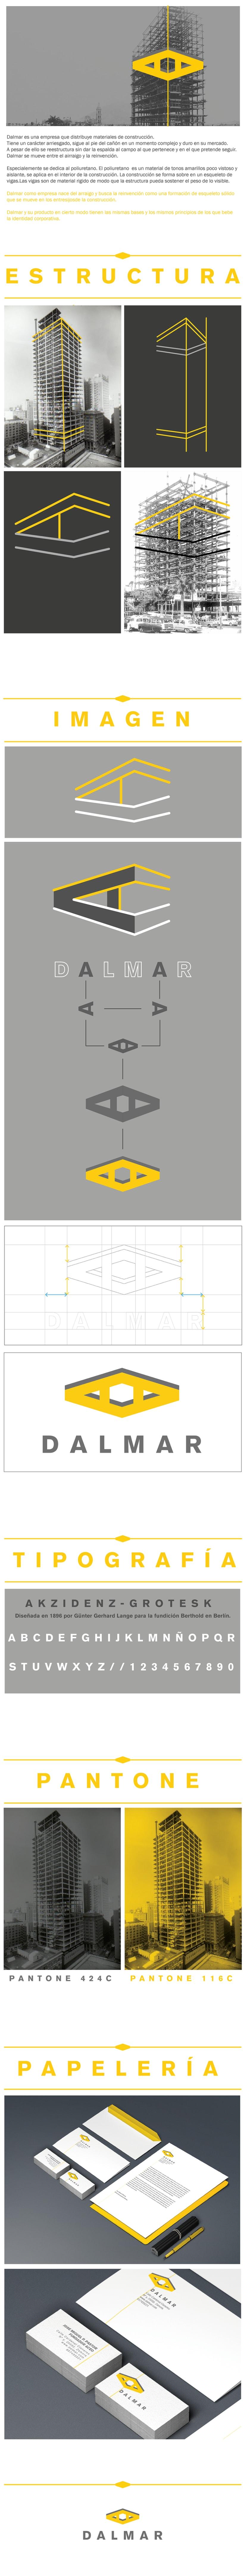 Diseño de identidad corporativa para Dalmar. -1